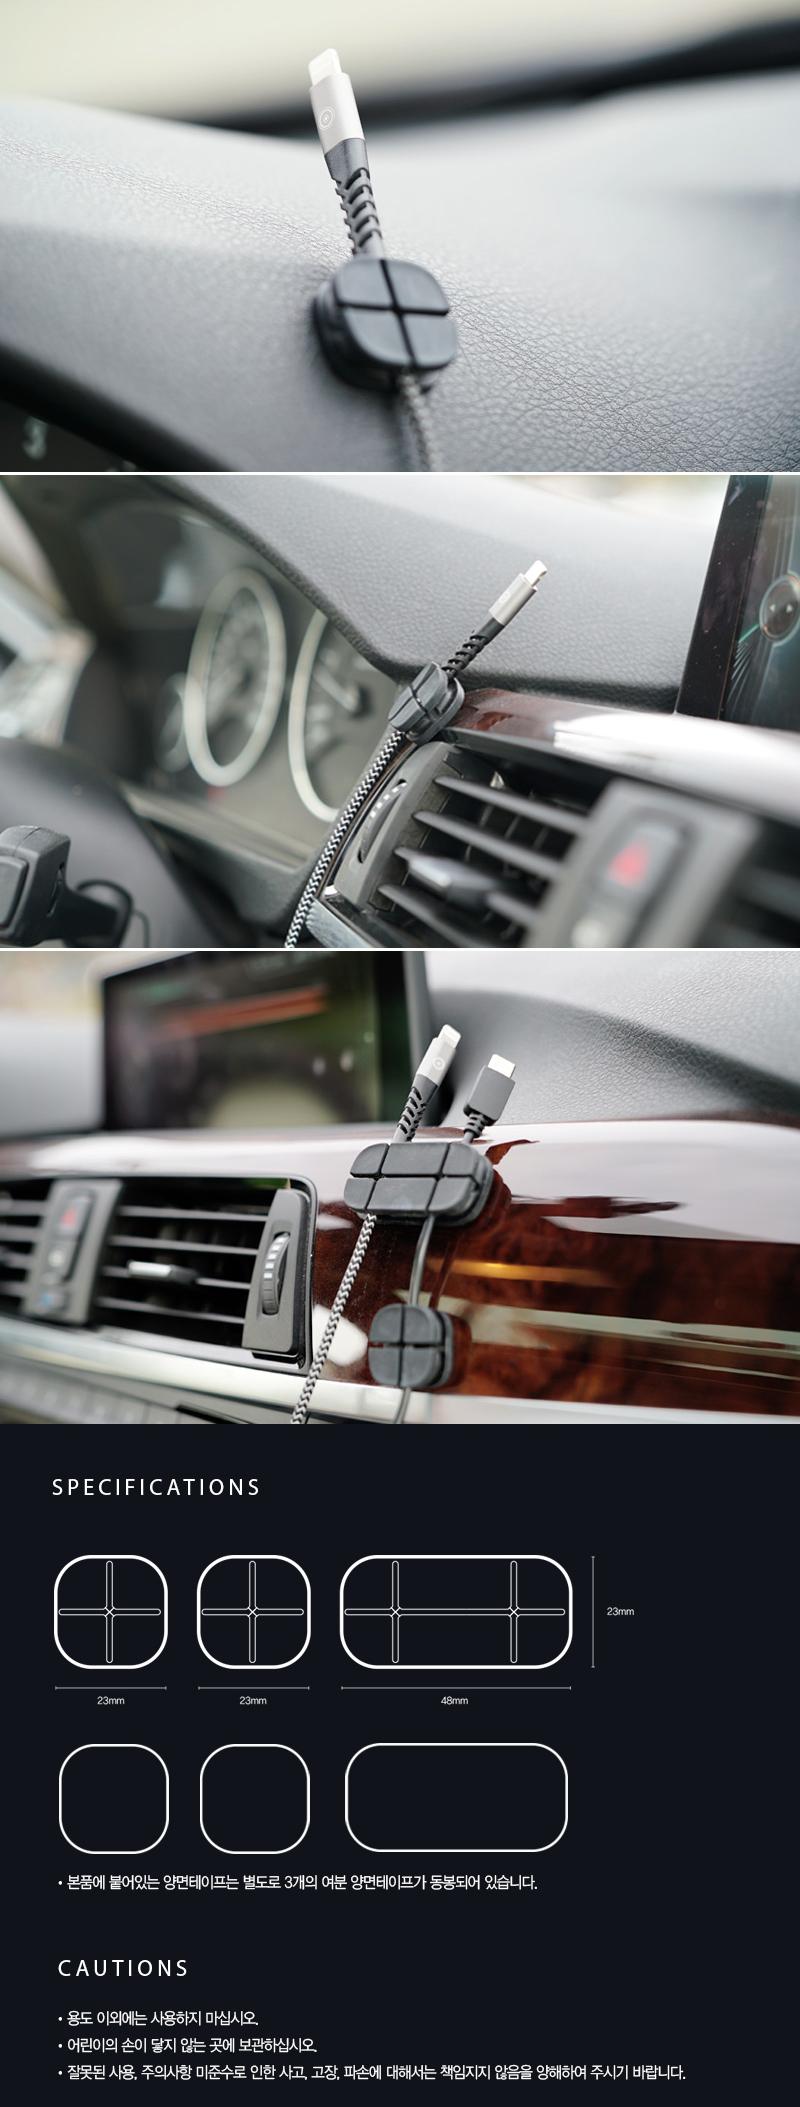 와플 케이블 선정리 클립 각종 케이블 정리정돈에 딱 - 훠링, 5,800원, 자동차용품, 기타용품